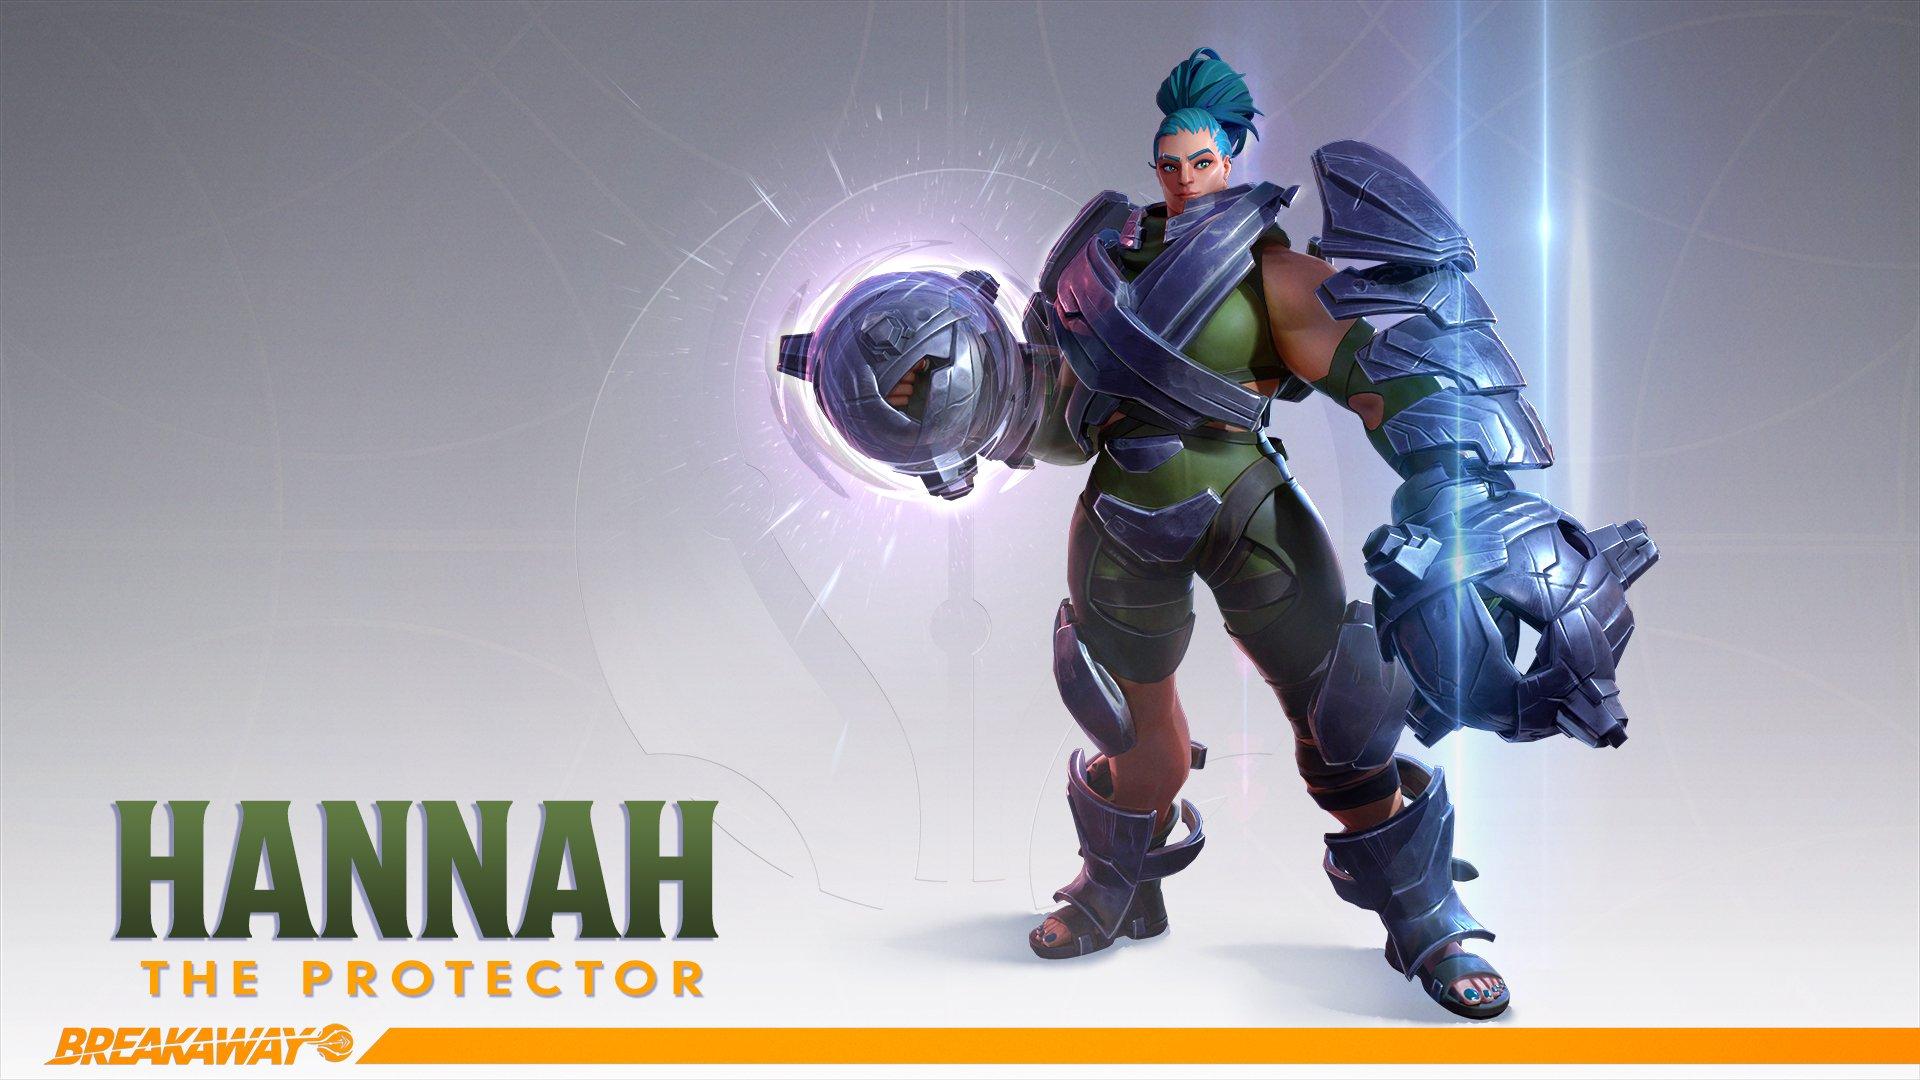 Hannah the Protector